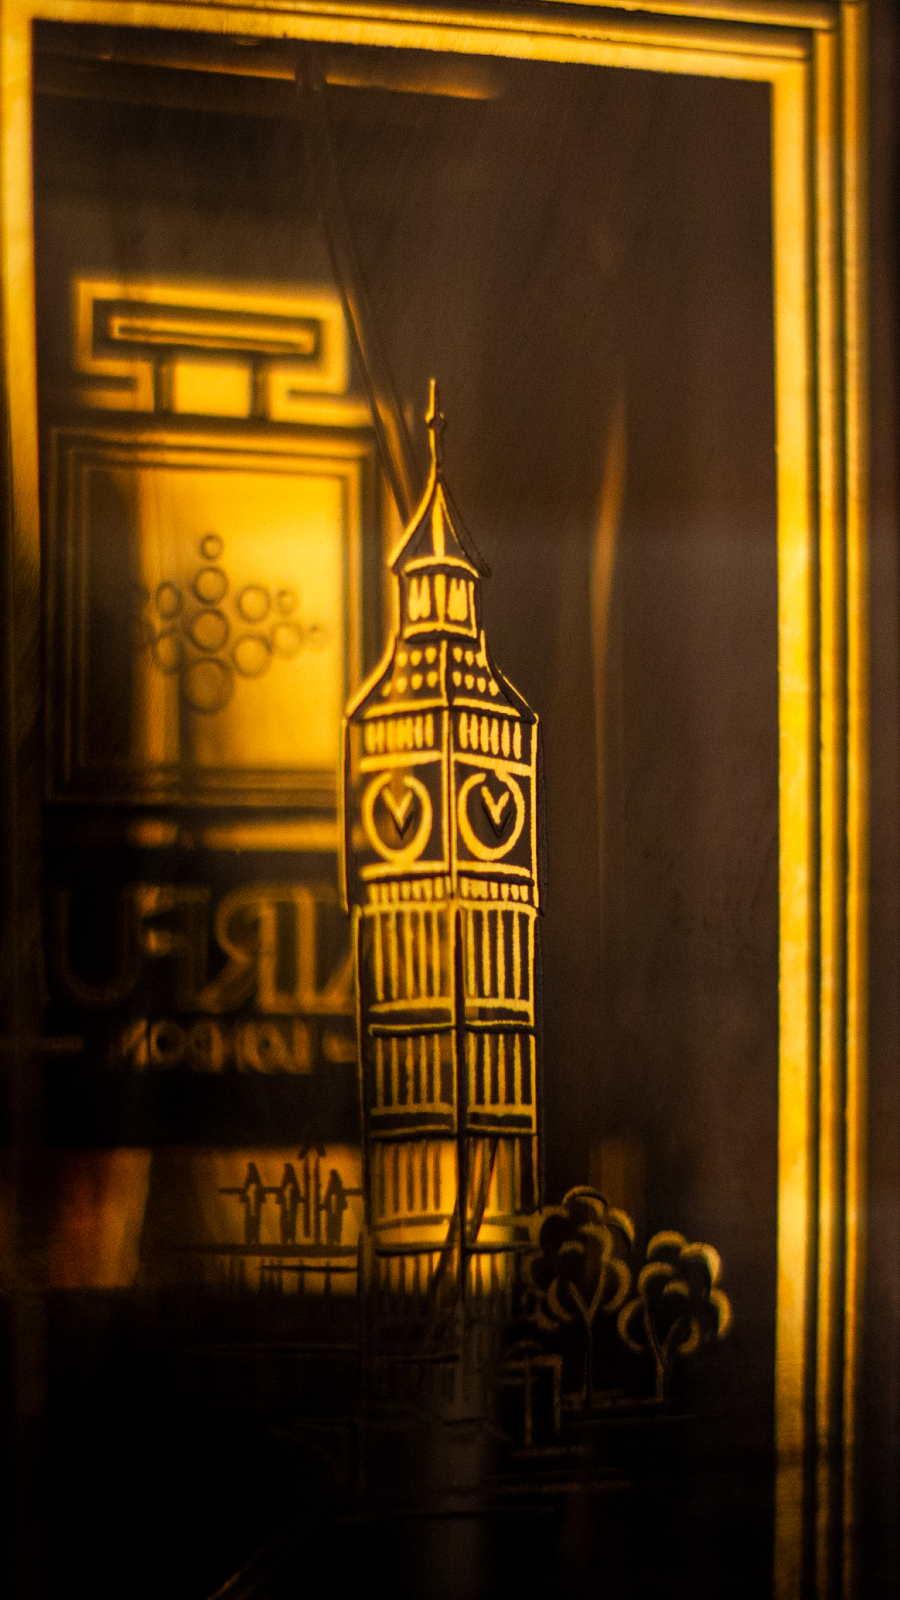 Pairfum Eau De Parfum Back Gold London 9 16